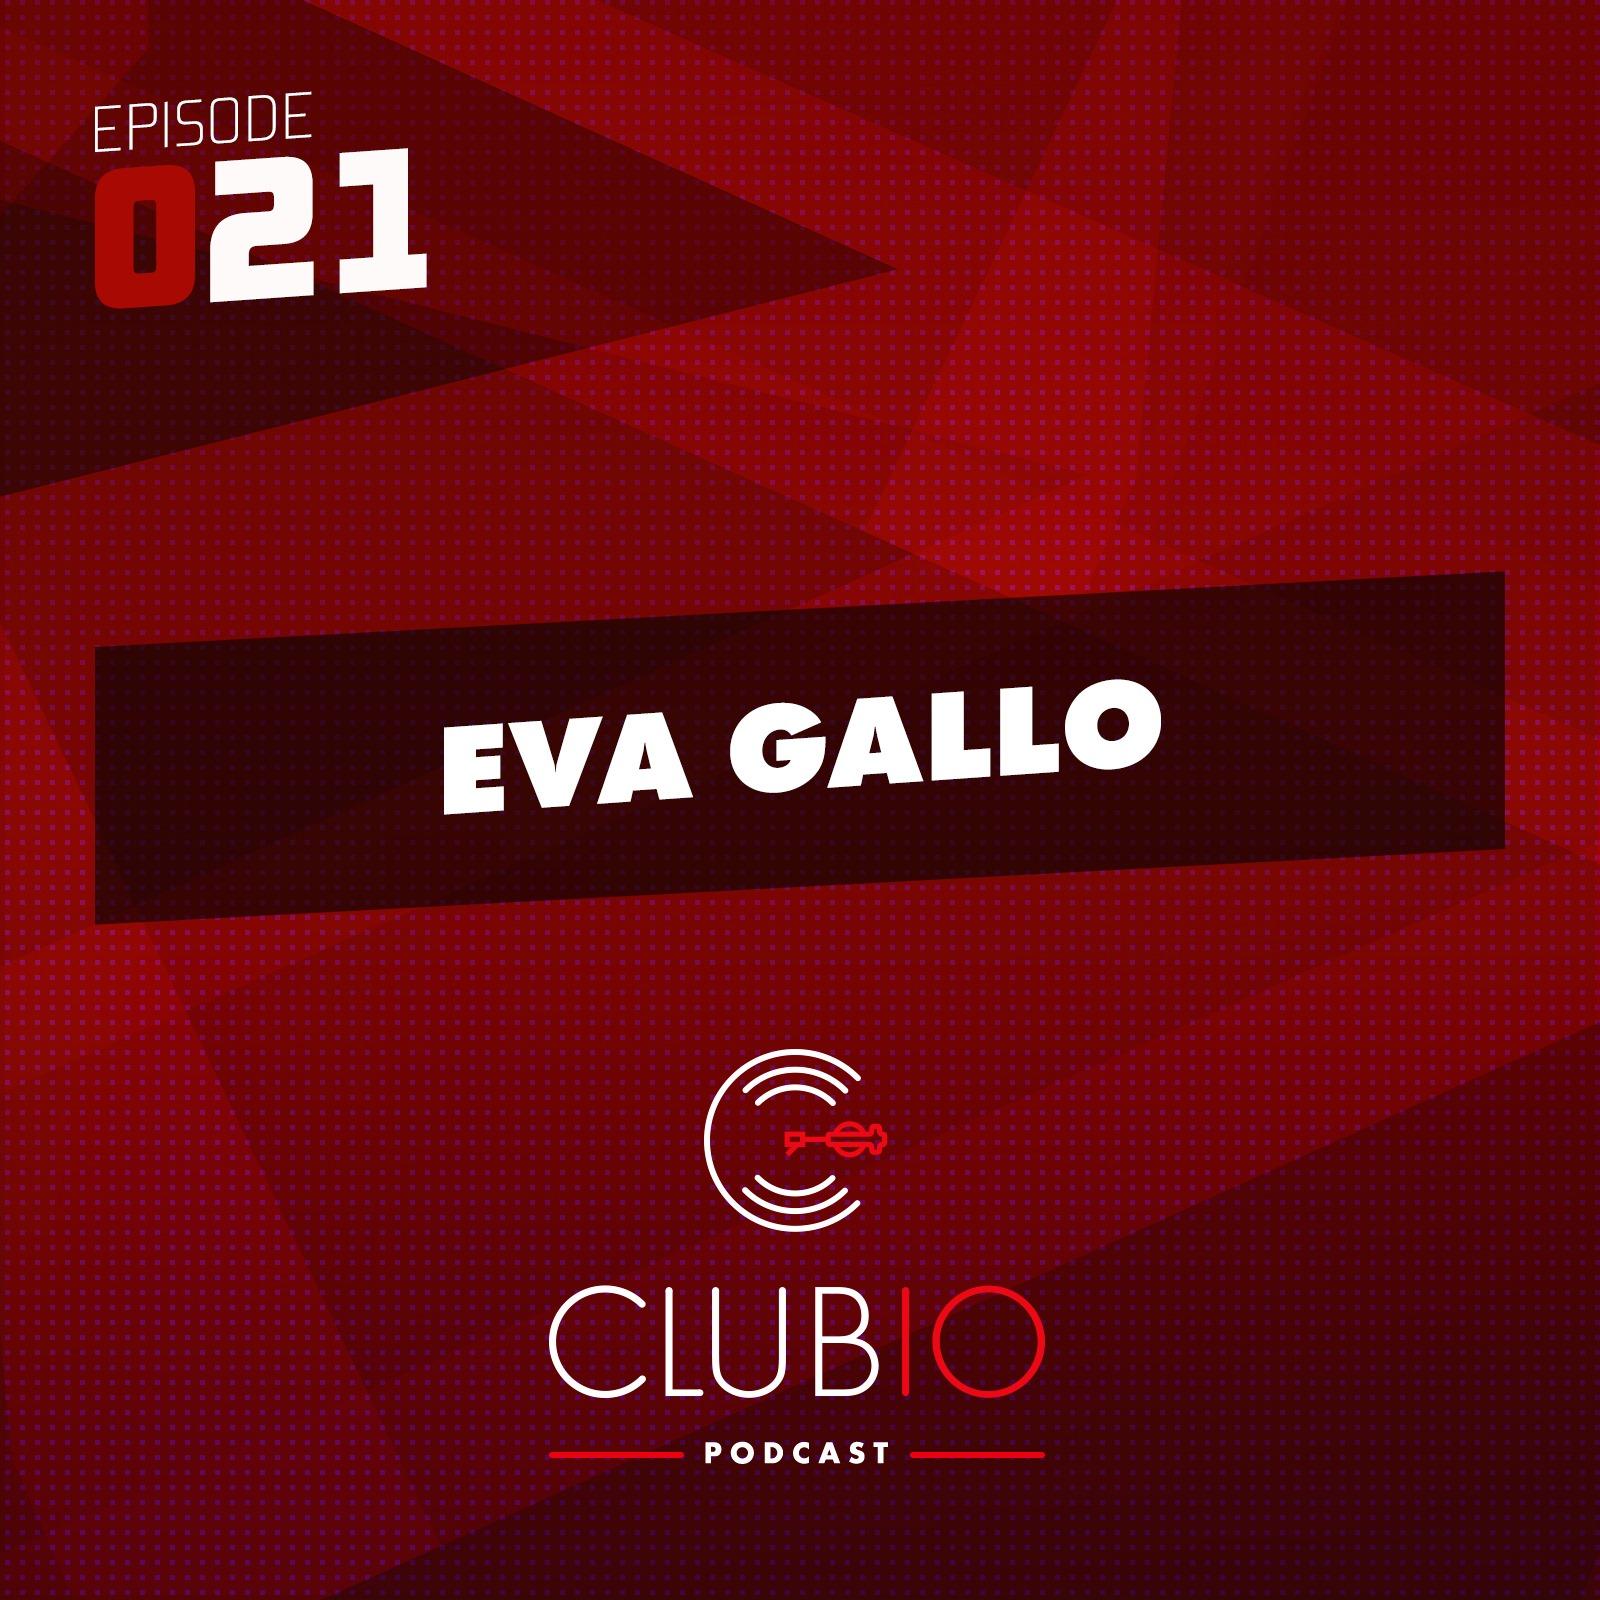 Clubio Podcast 021 - Eva Gallo